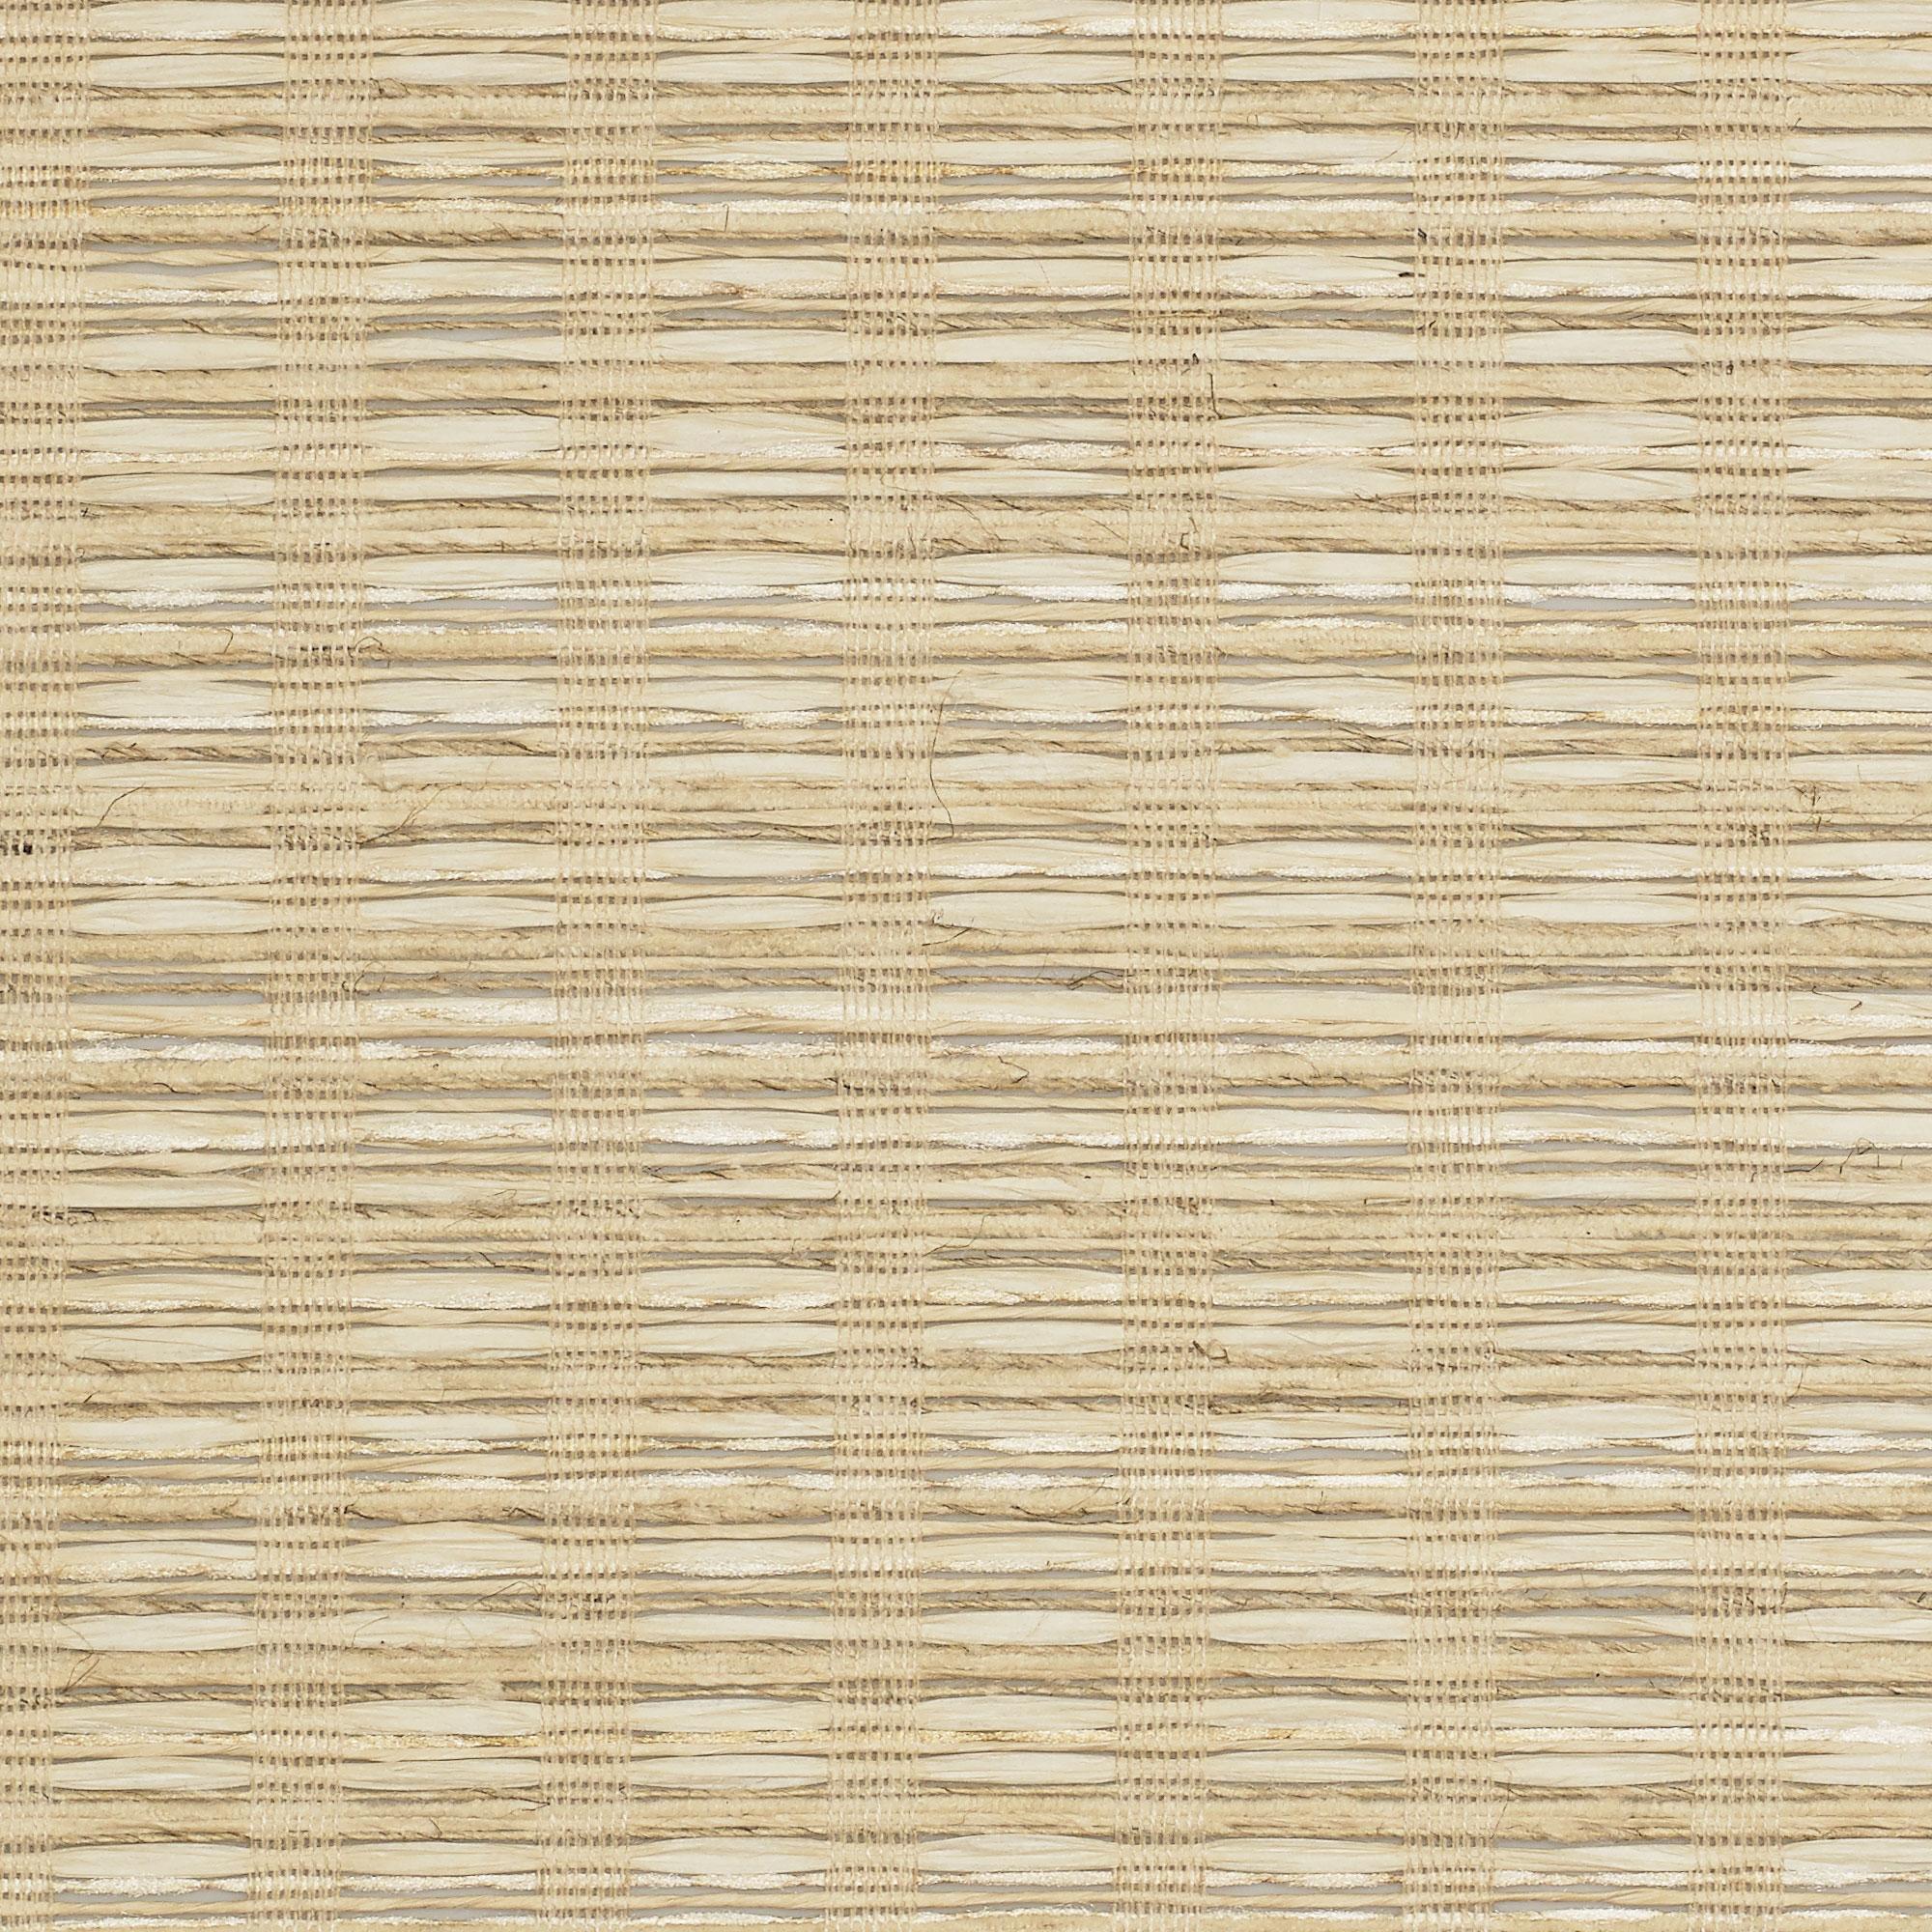 swatch-PW157-09-woolen-mill-buff-web.jpg